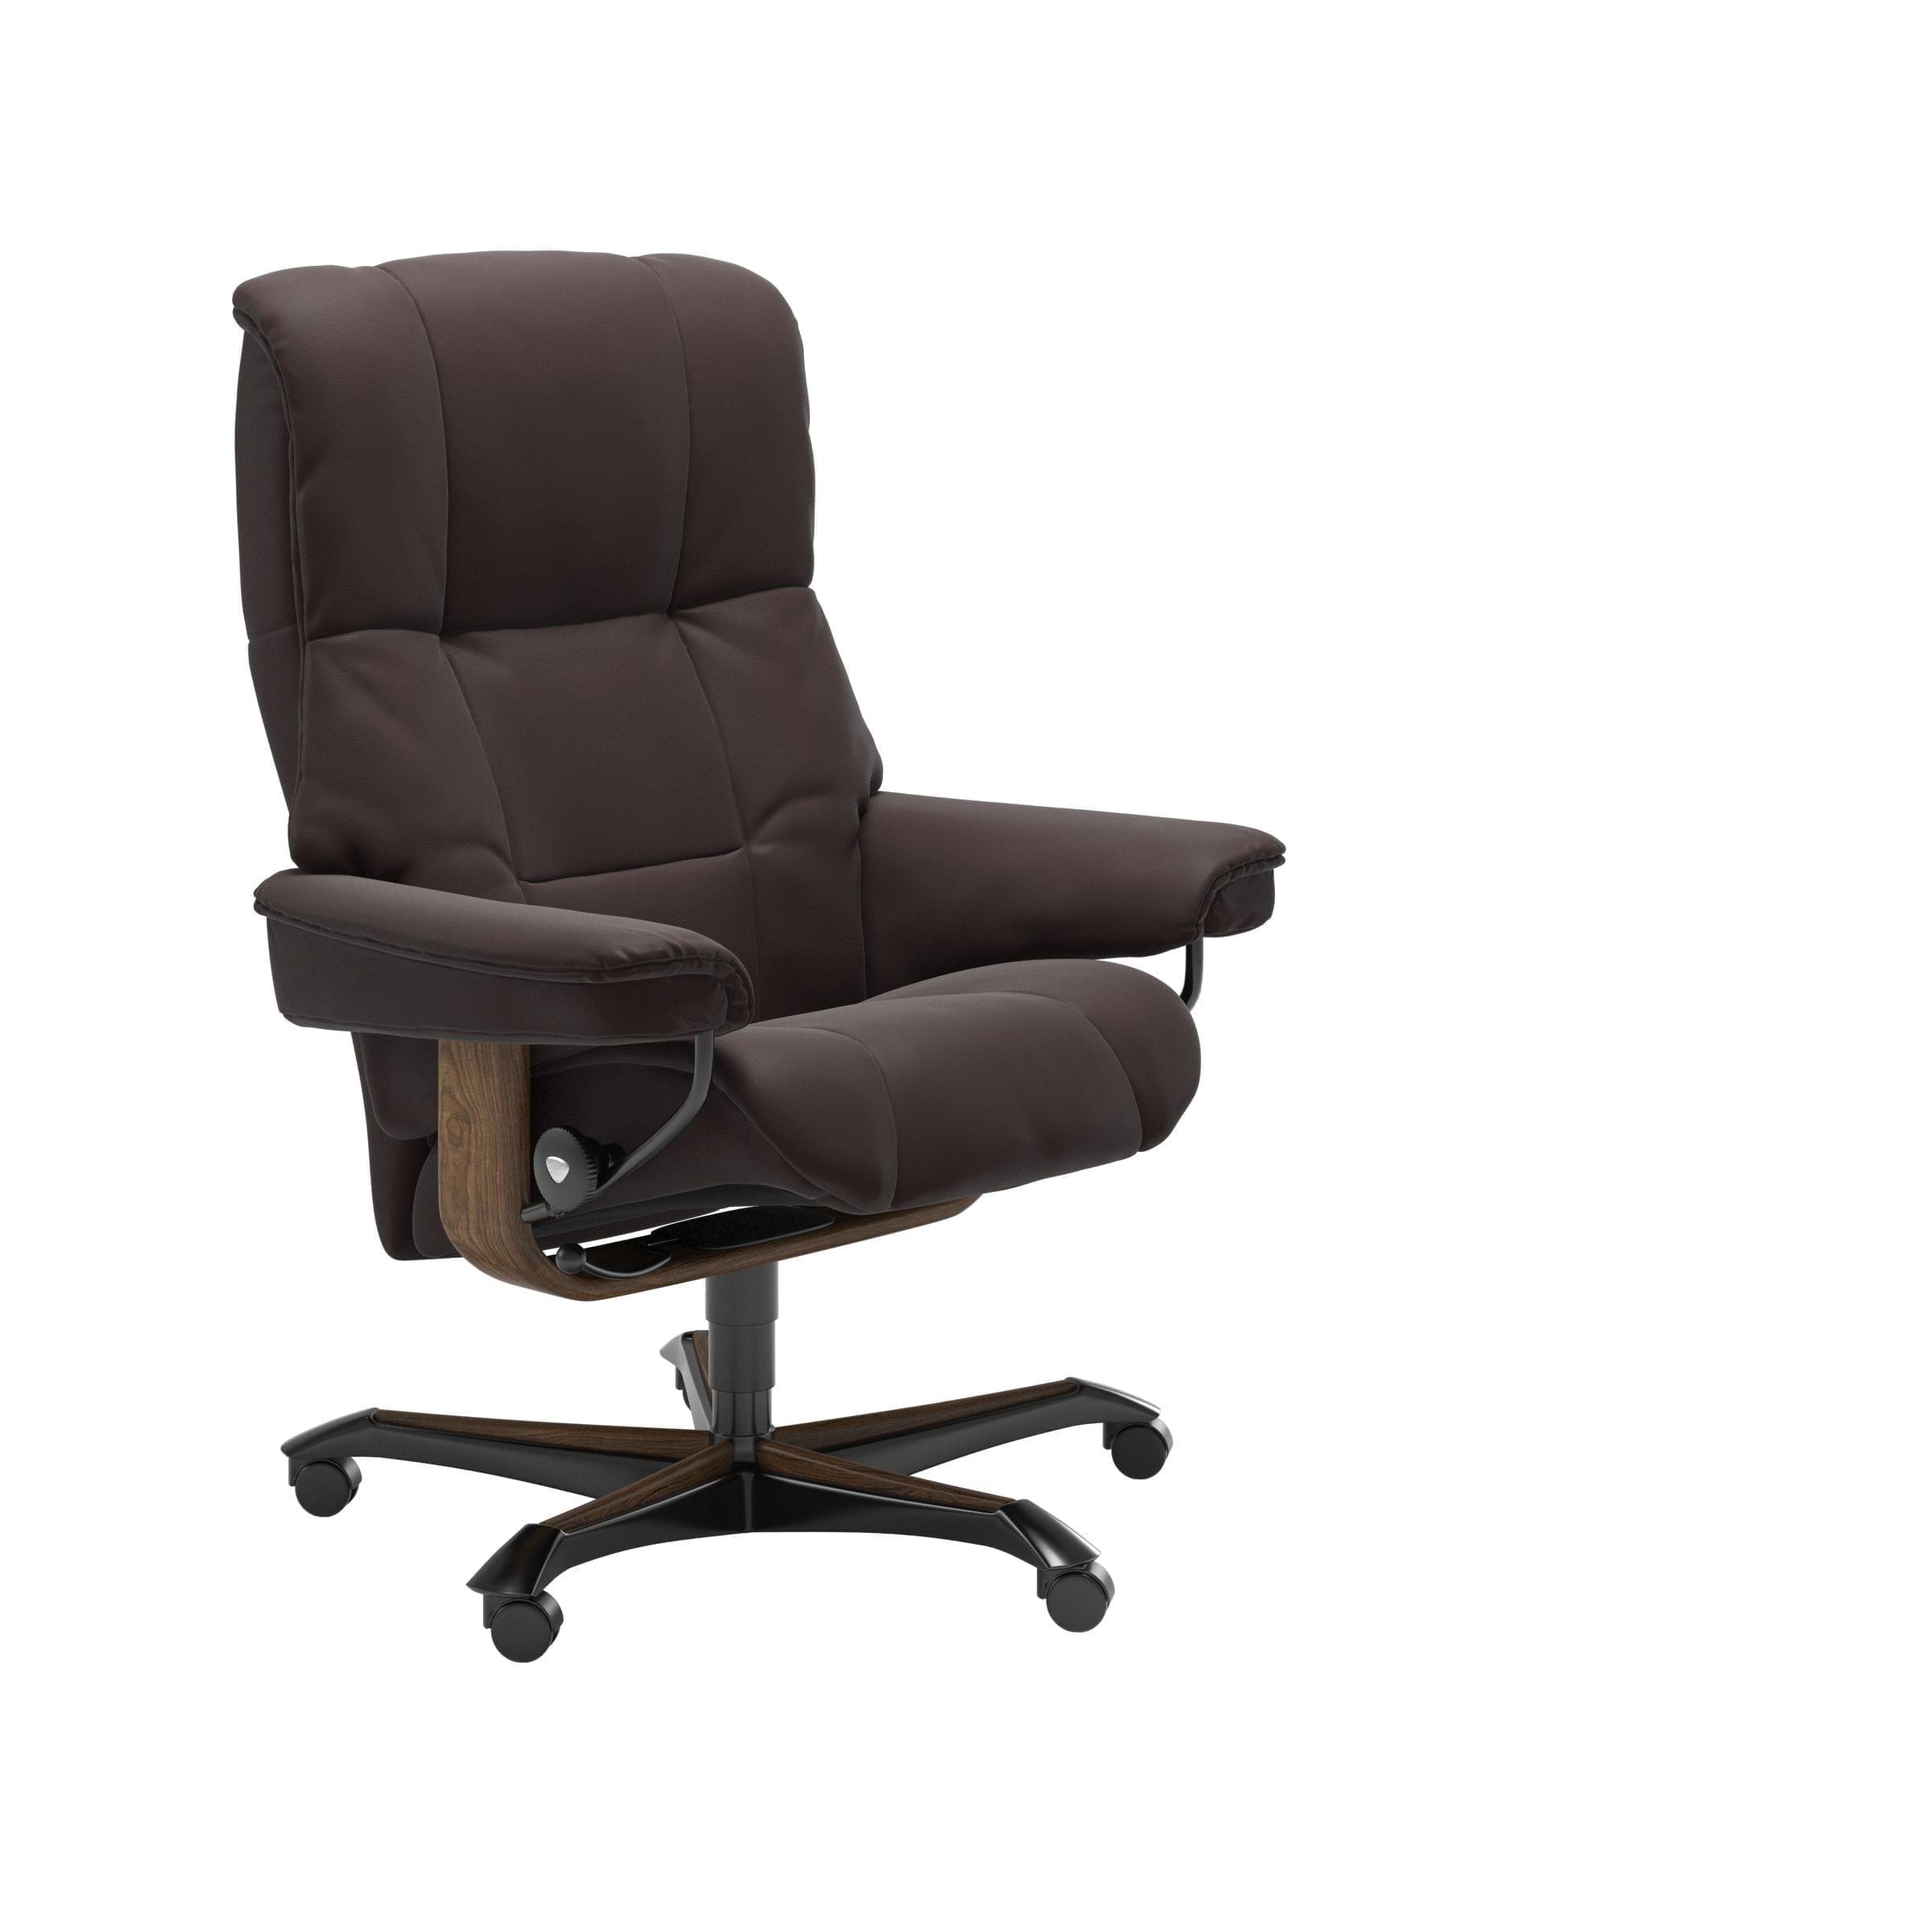 Mayfair Stressless Office Chair 1